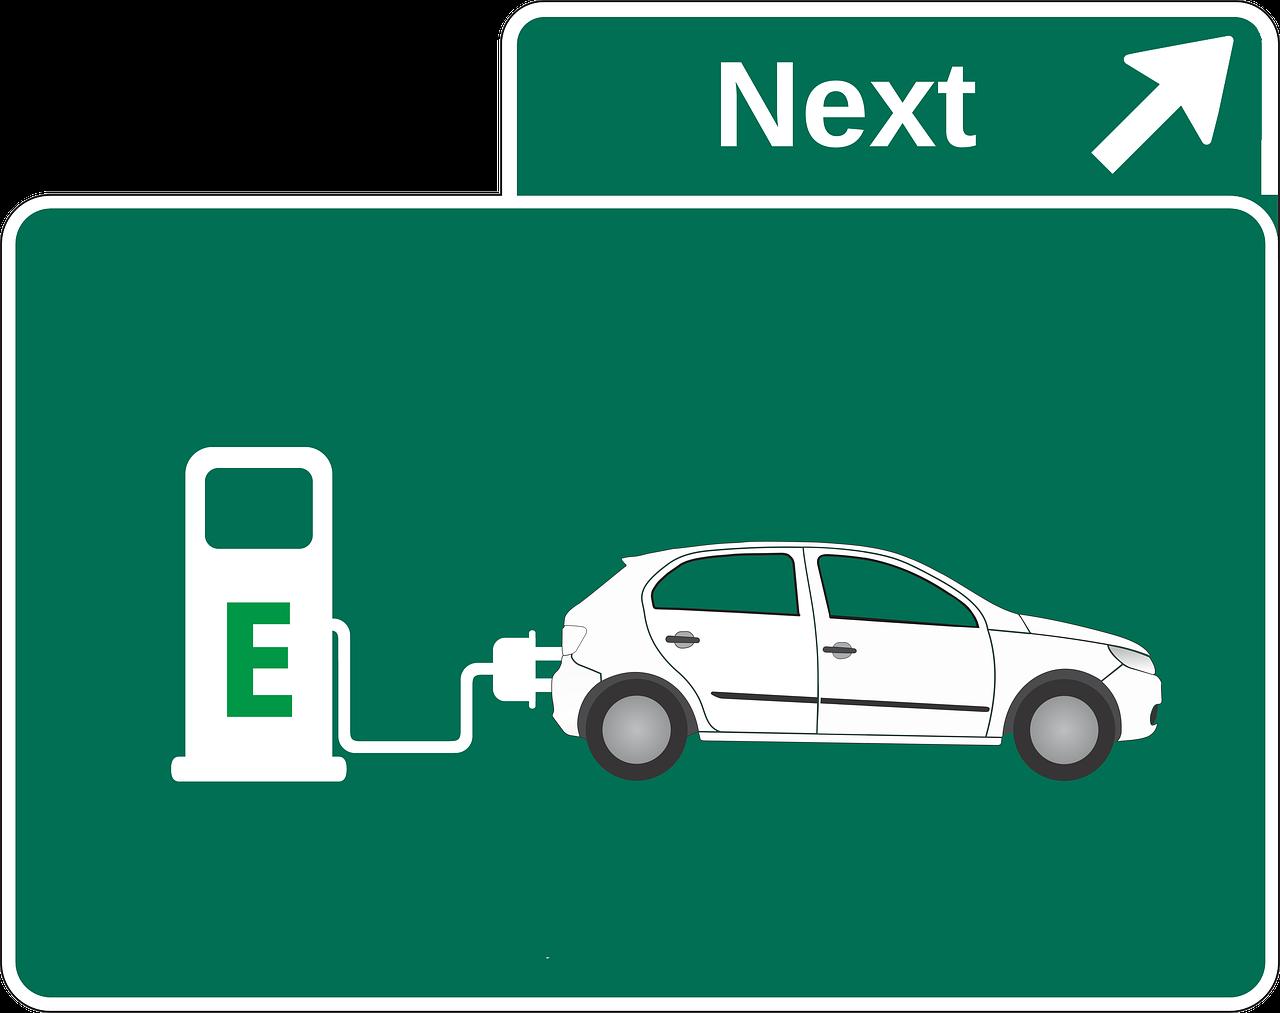 Elektroauto Ladestation Berlin: Vorteile das E-Auto zuhause laden zu können